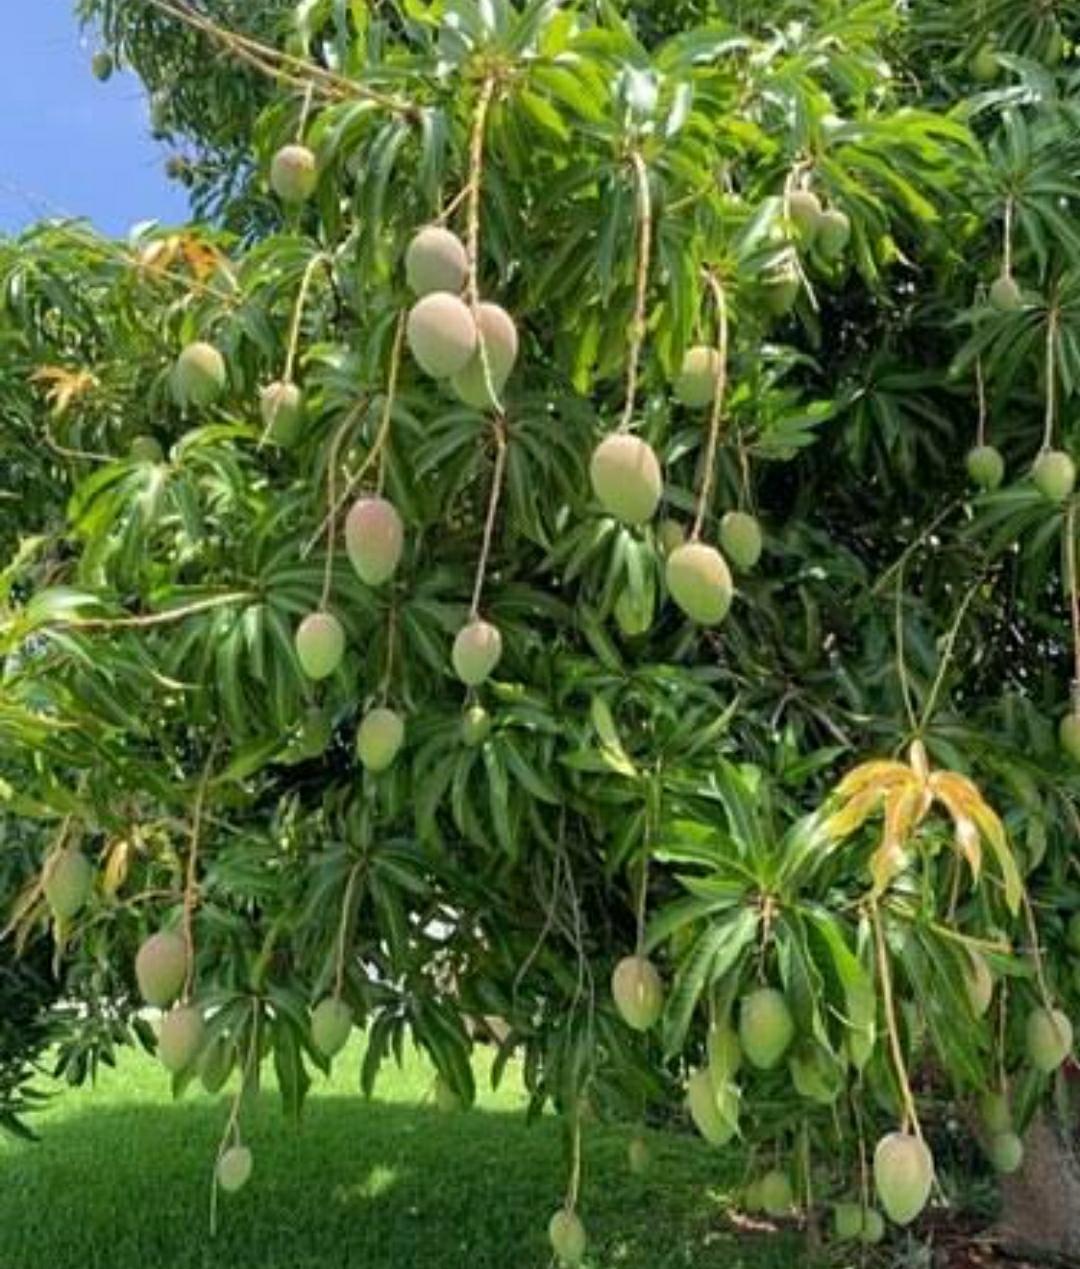 ಒಂದೇ ಮಾವಿನ ಮರದಲ್ಲಿ 121 ಬಗೆಯ ಹಣ್ಣುಗಳು ಏನಿದು ಅಚ್ಚರಿ..??